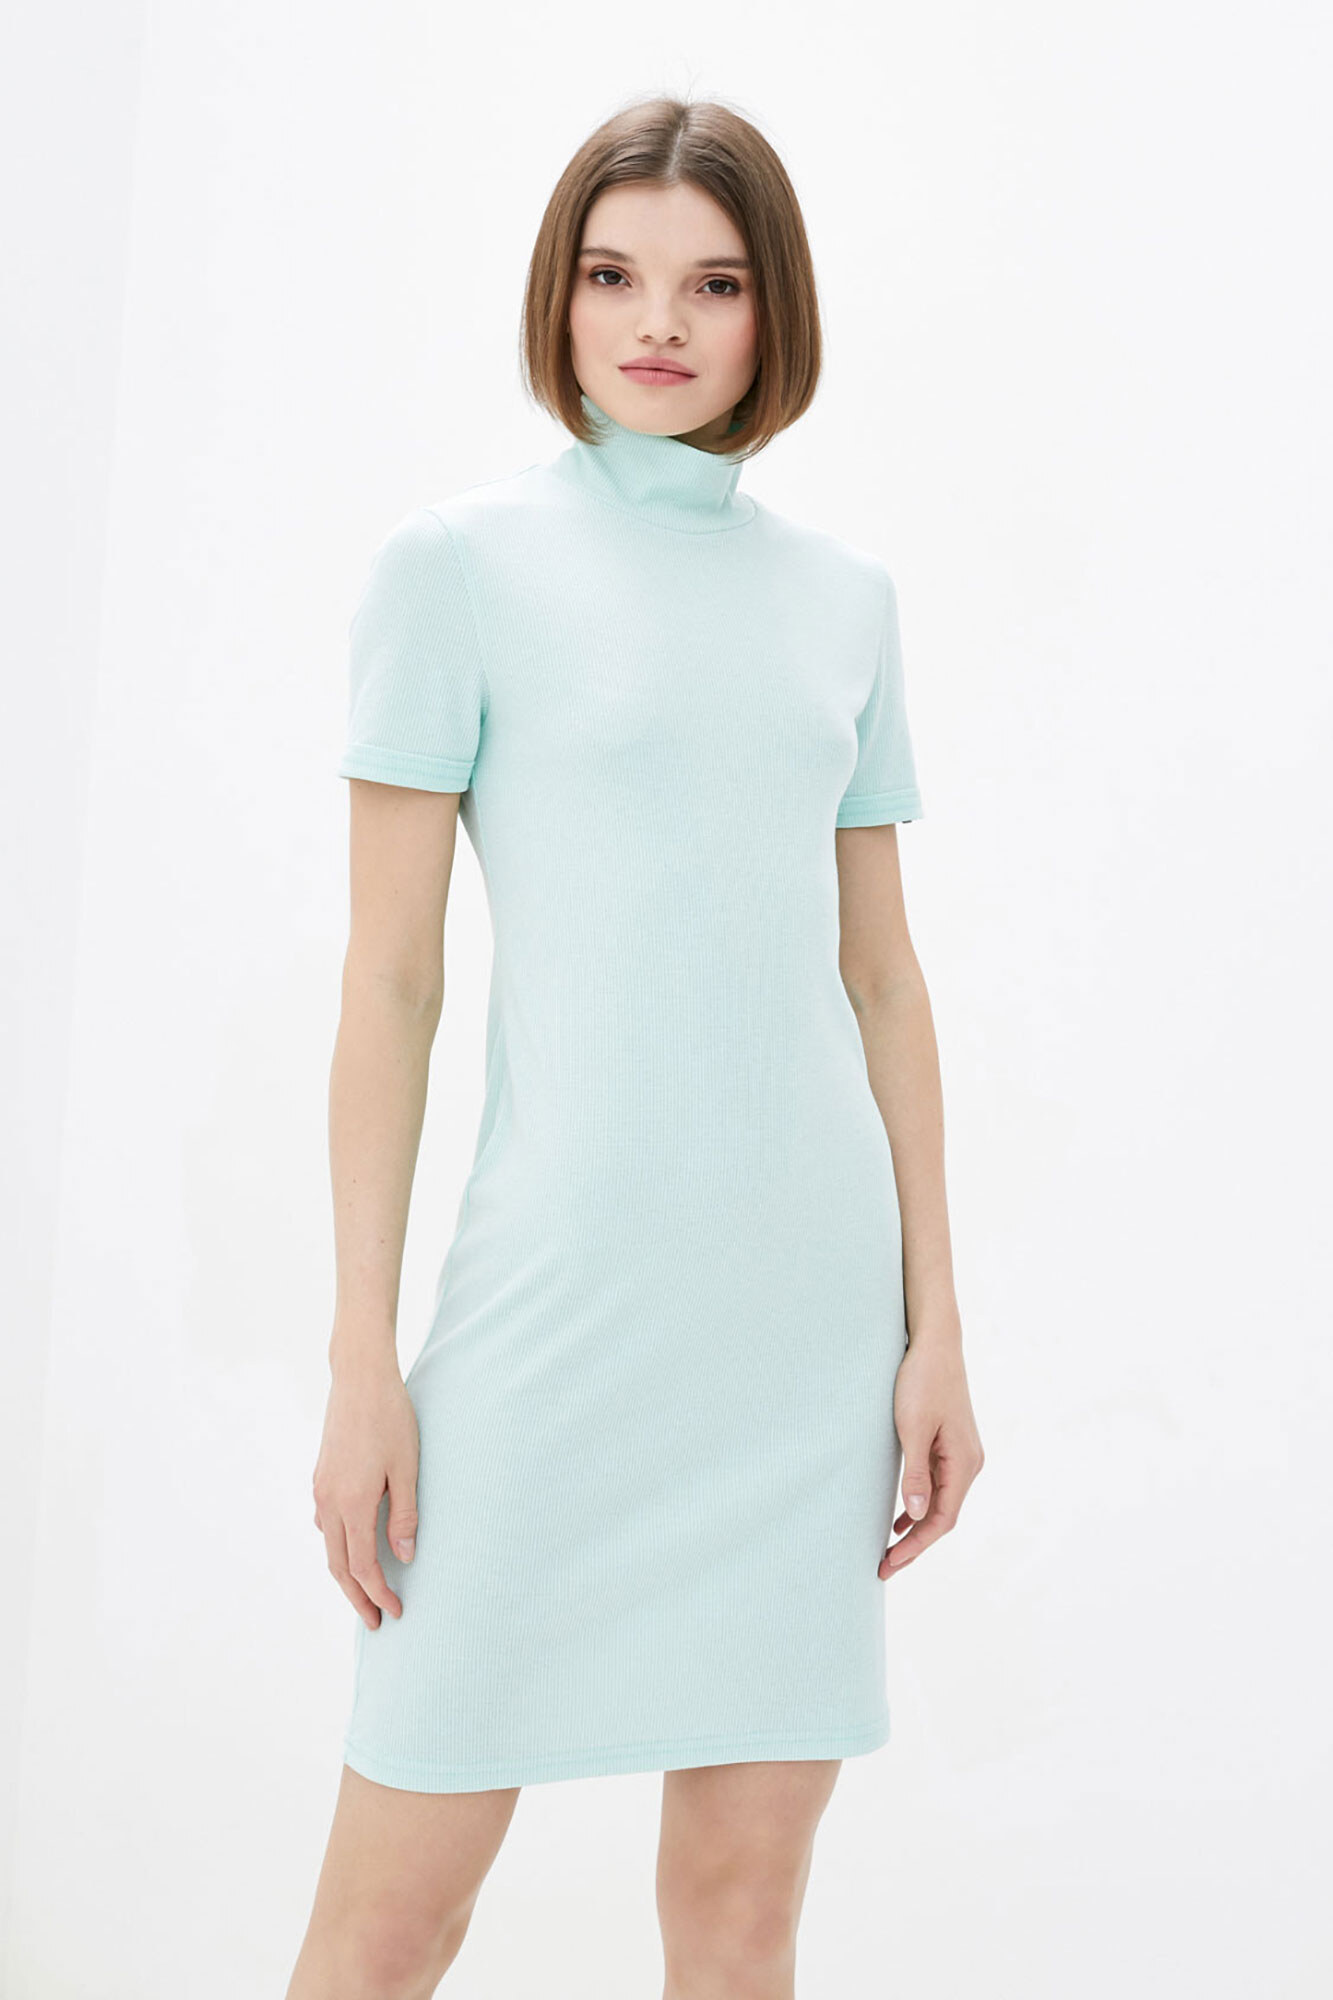 Голубое мини платье гольф с короткими рукавами GEN